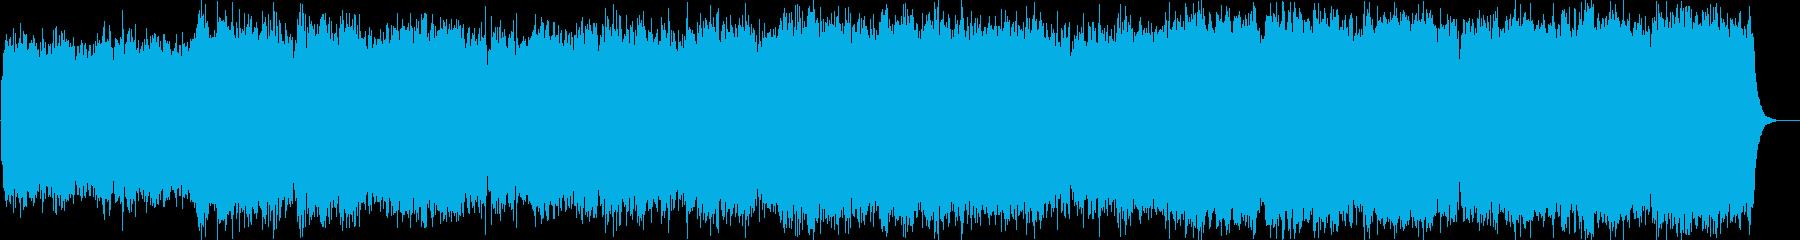 Angel Fallsの再生済みの波形